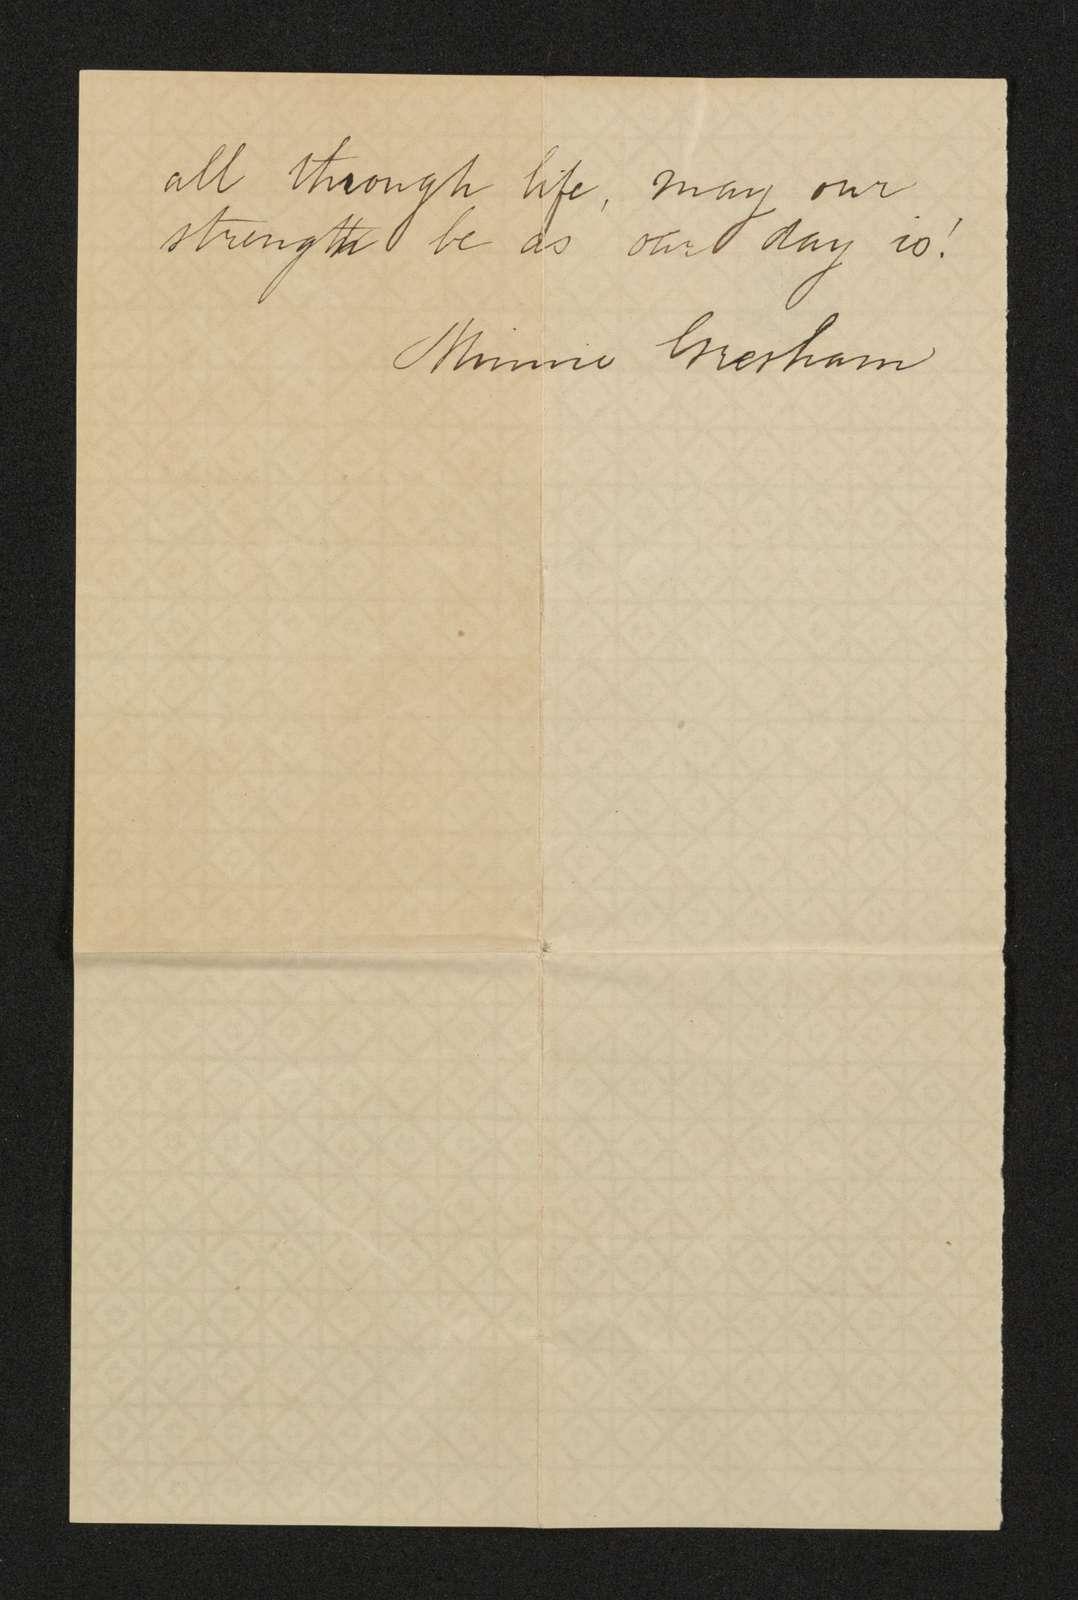 Lewis H. Machen Family Papers: Machen-Gresham Correspondence, 1871-1889; Gresham, Minnie, to Machen, Arthur W.; 1873, Jan.-Feb.